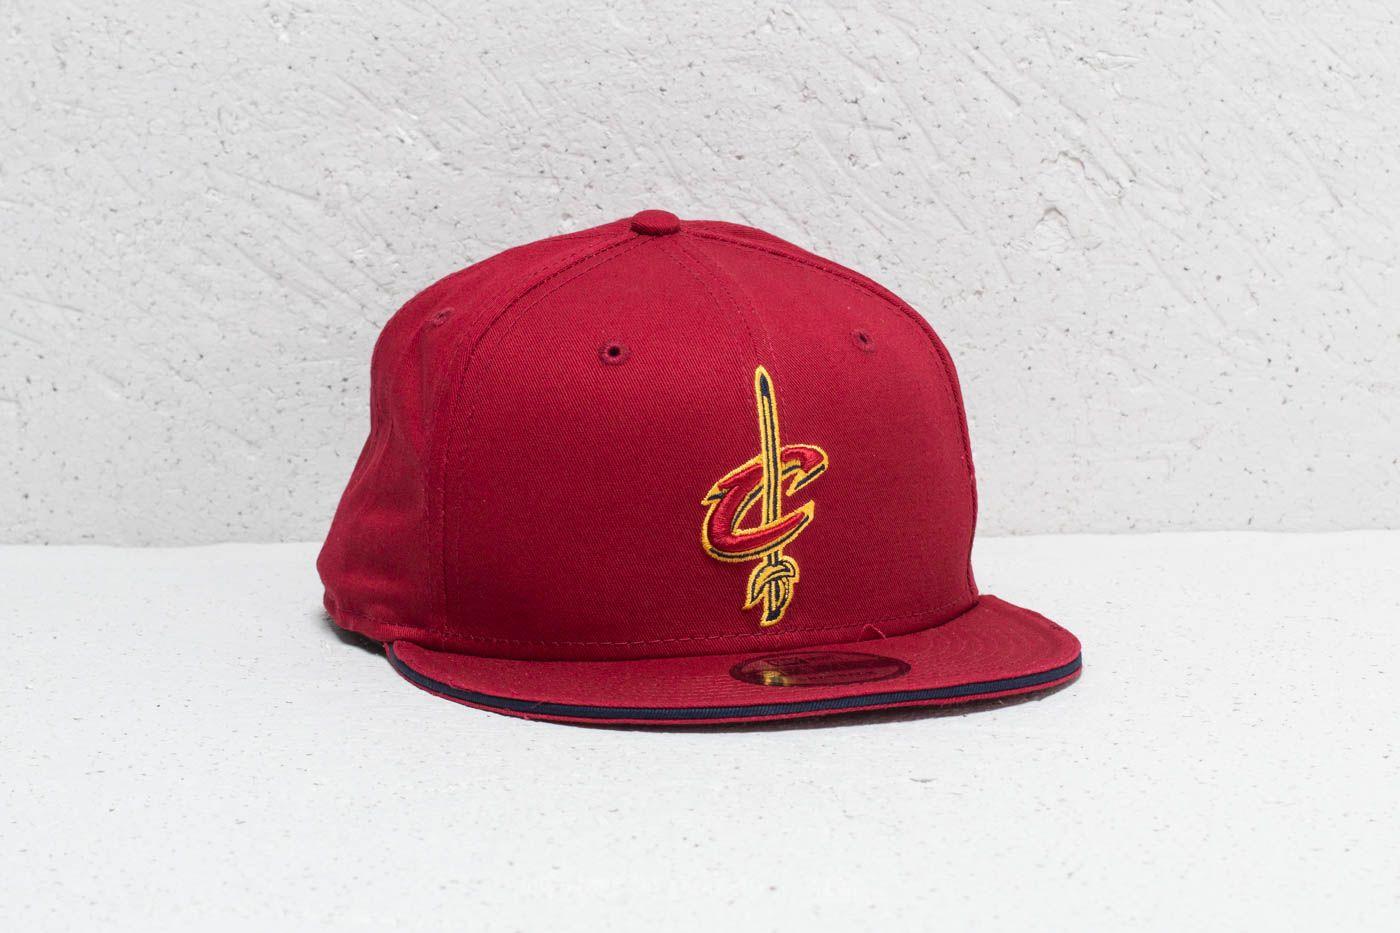 New Era 9Fifty NBA Cleveland Cavaliers Cap Red za skvělou cenu 459 Kč koupíte na Footshop.cz